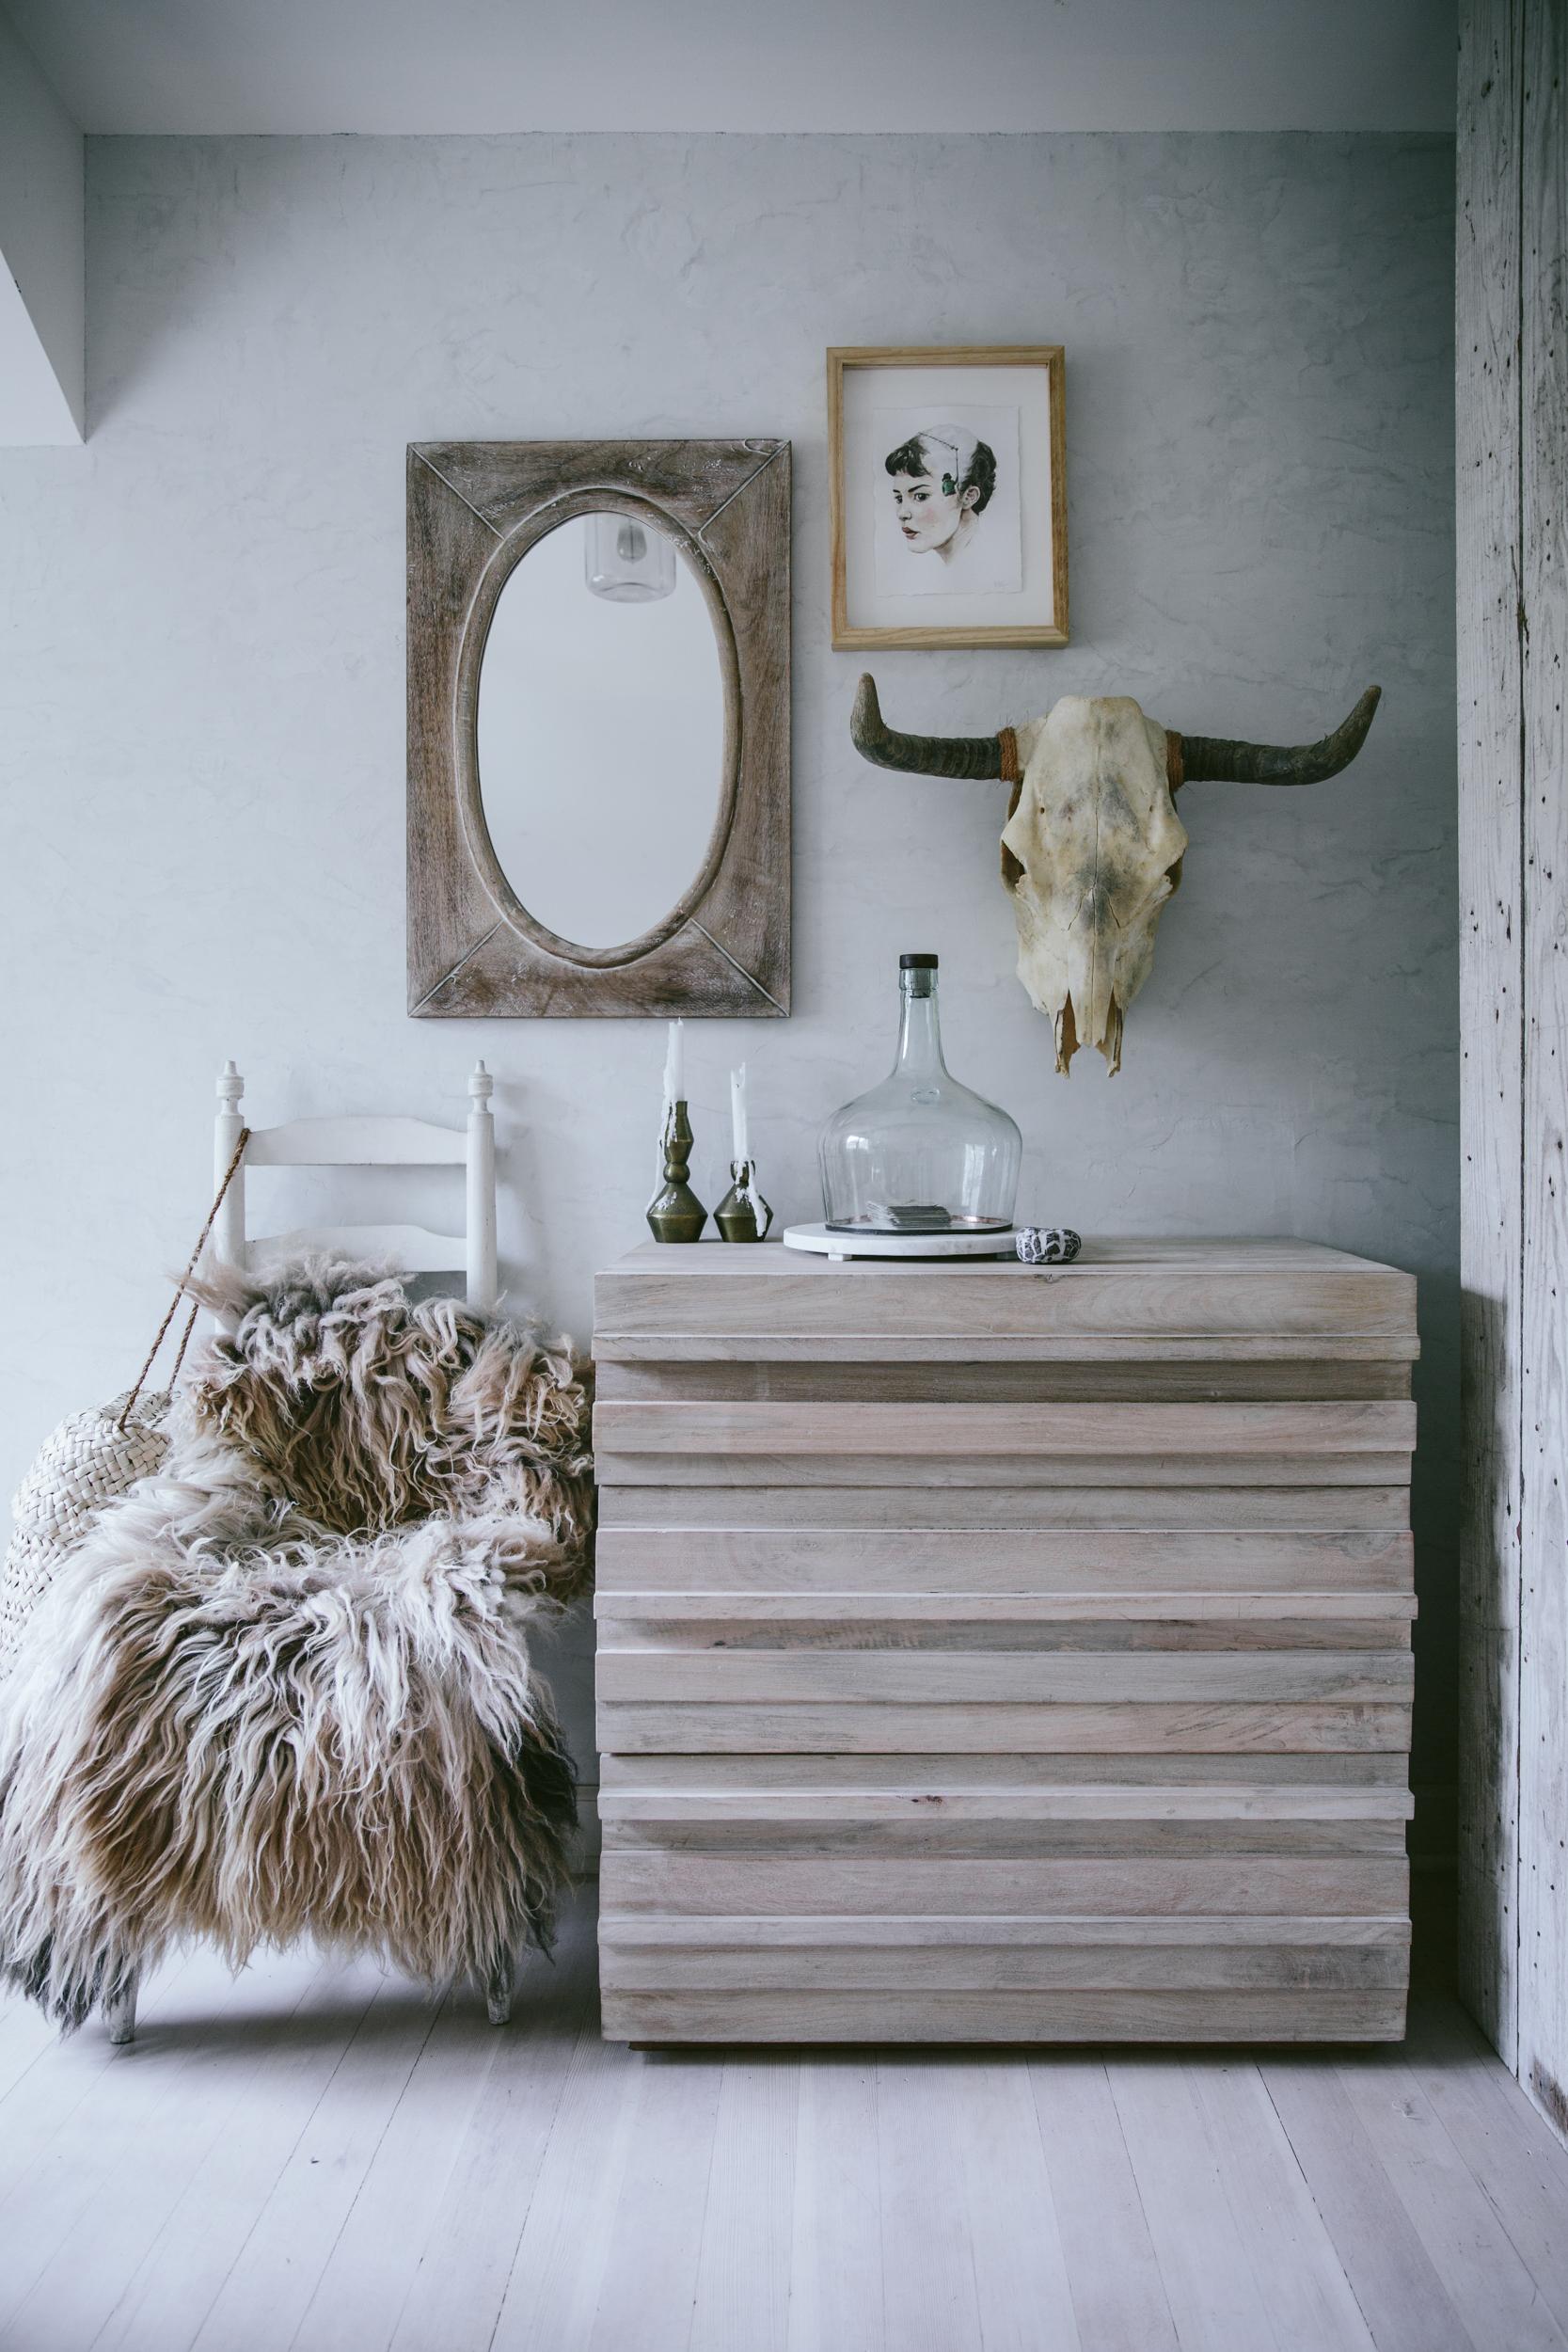 Master Bedroom Remodel remodel | master bedroom + bathroom - adventures in cooking